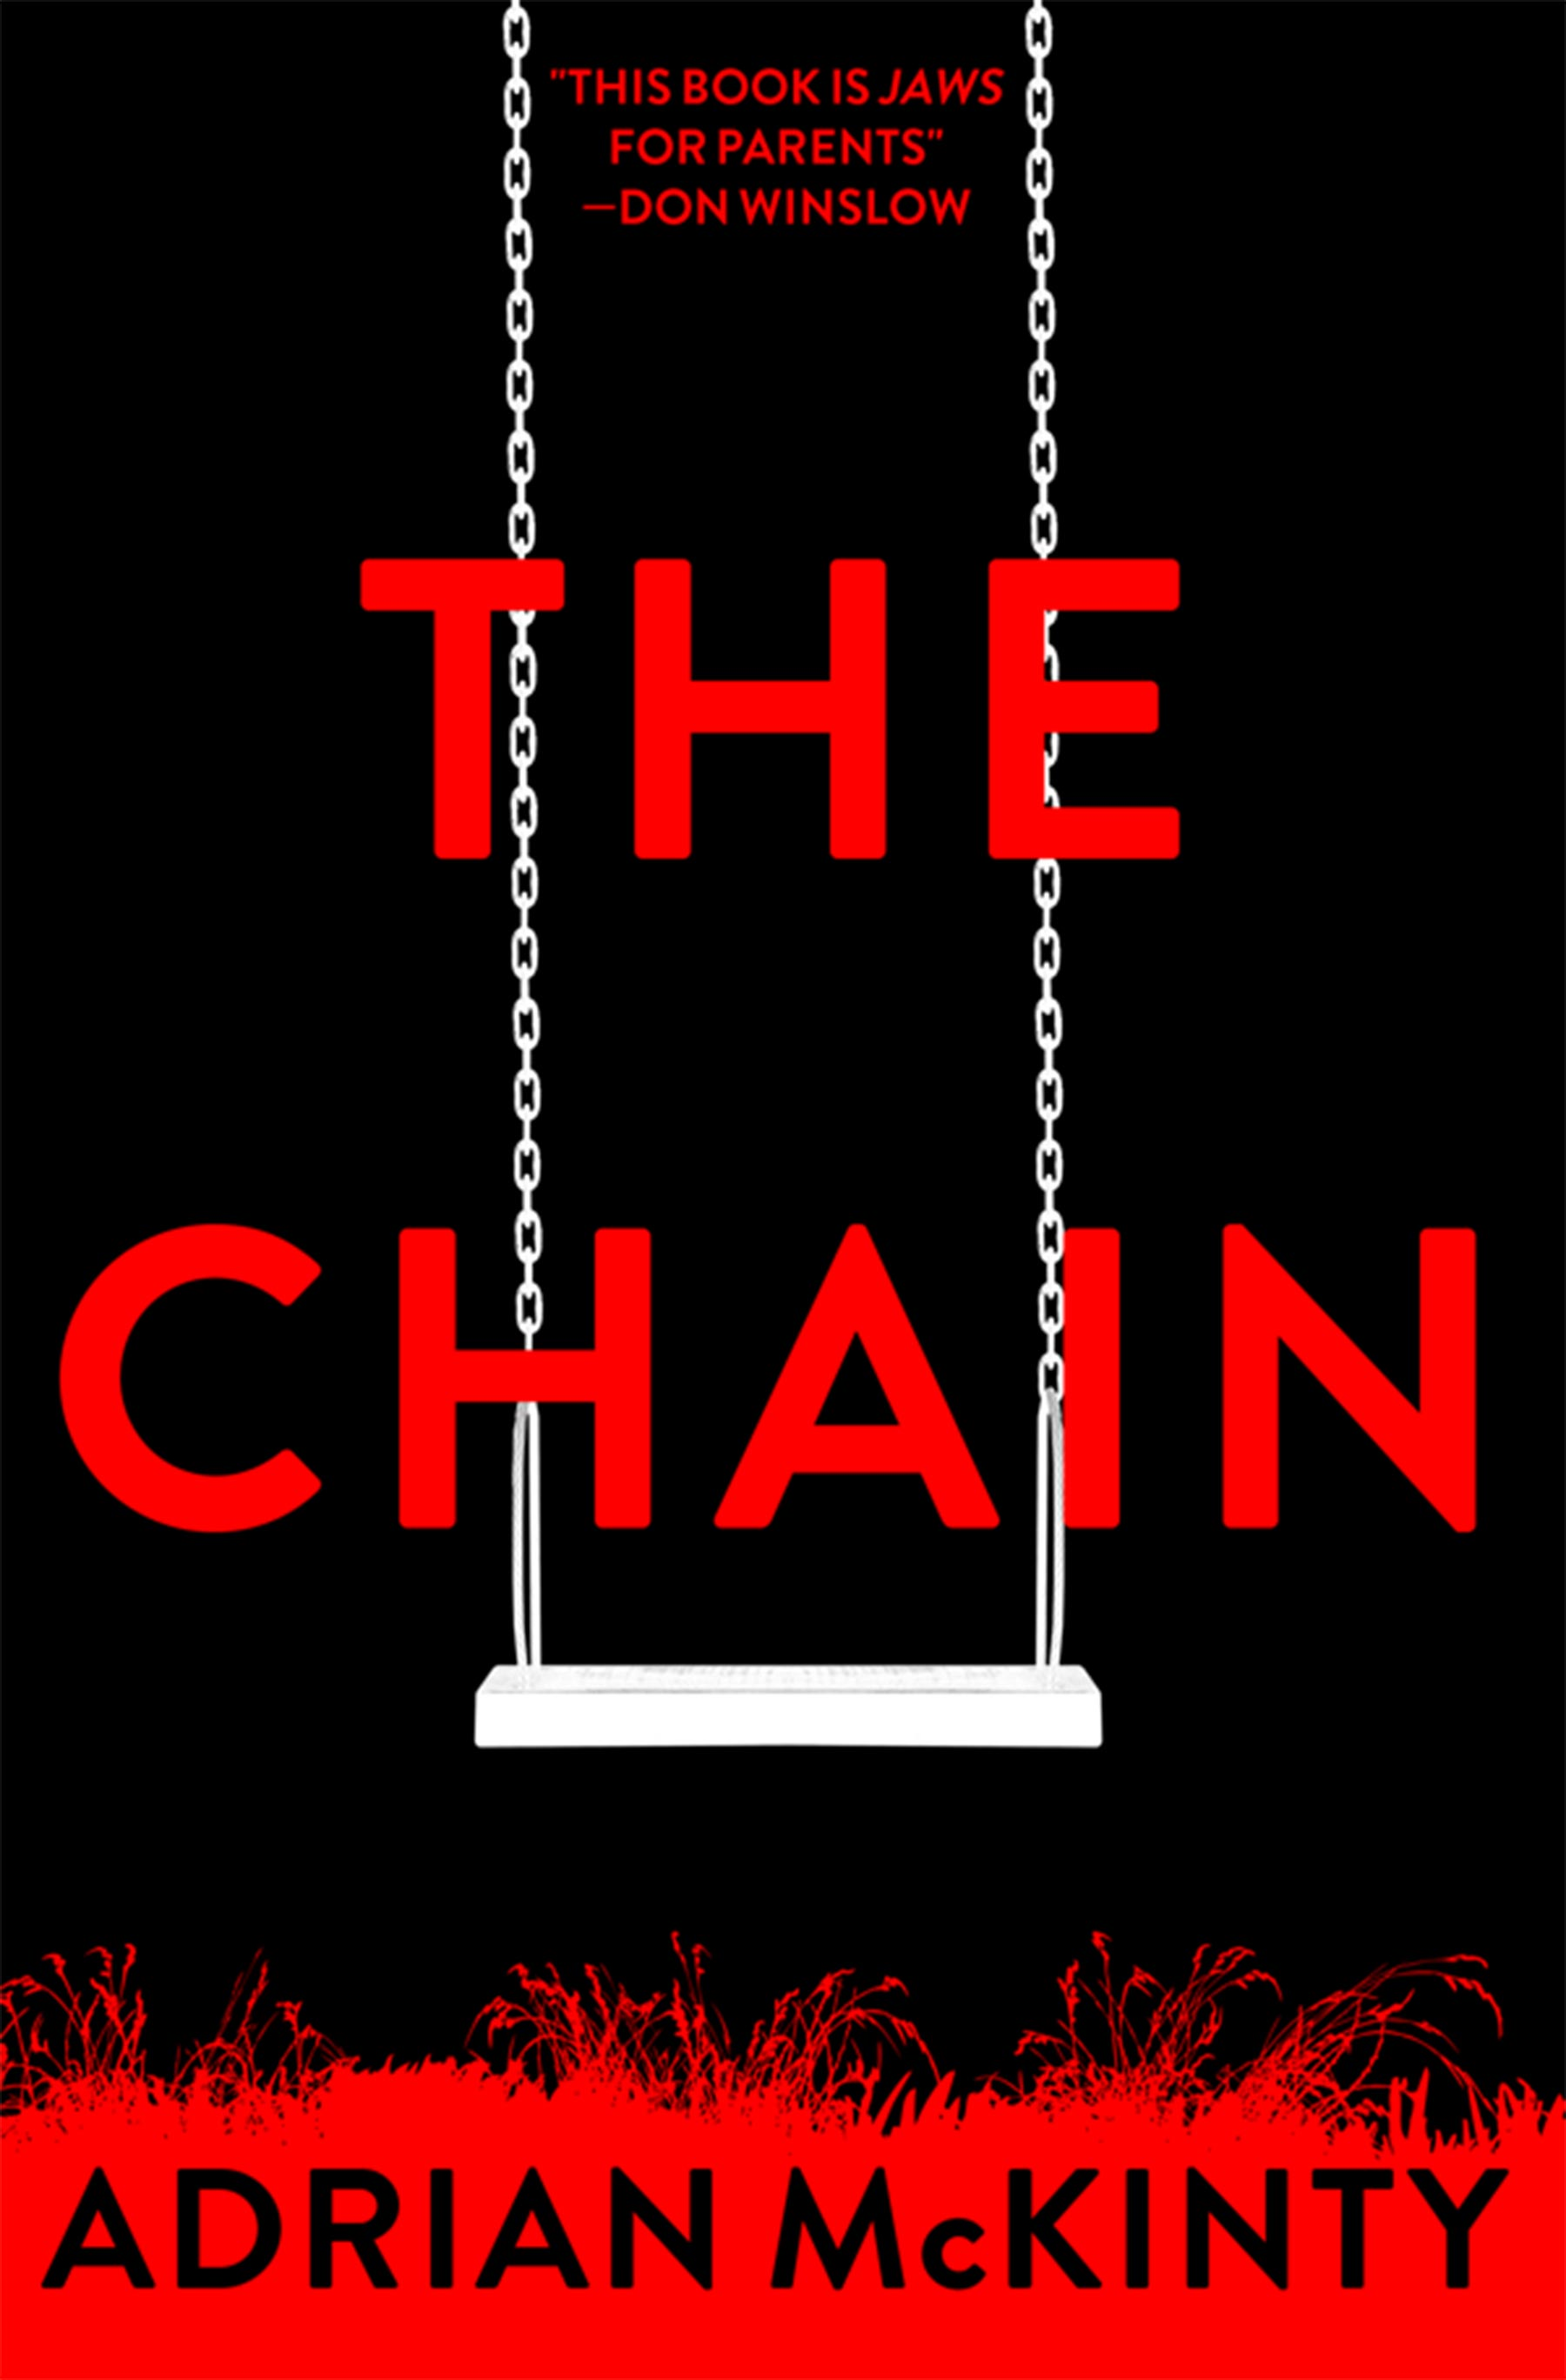 This summer's buzziest thriller, The Chain starkly examines parental desperation